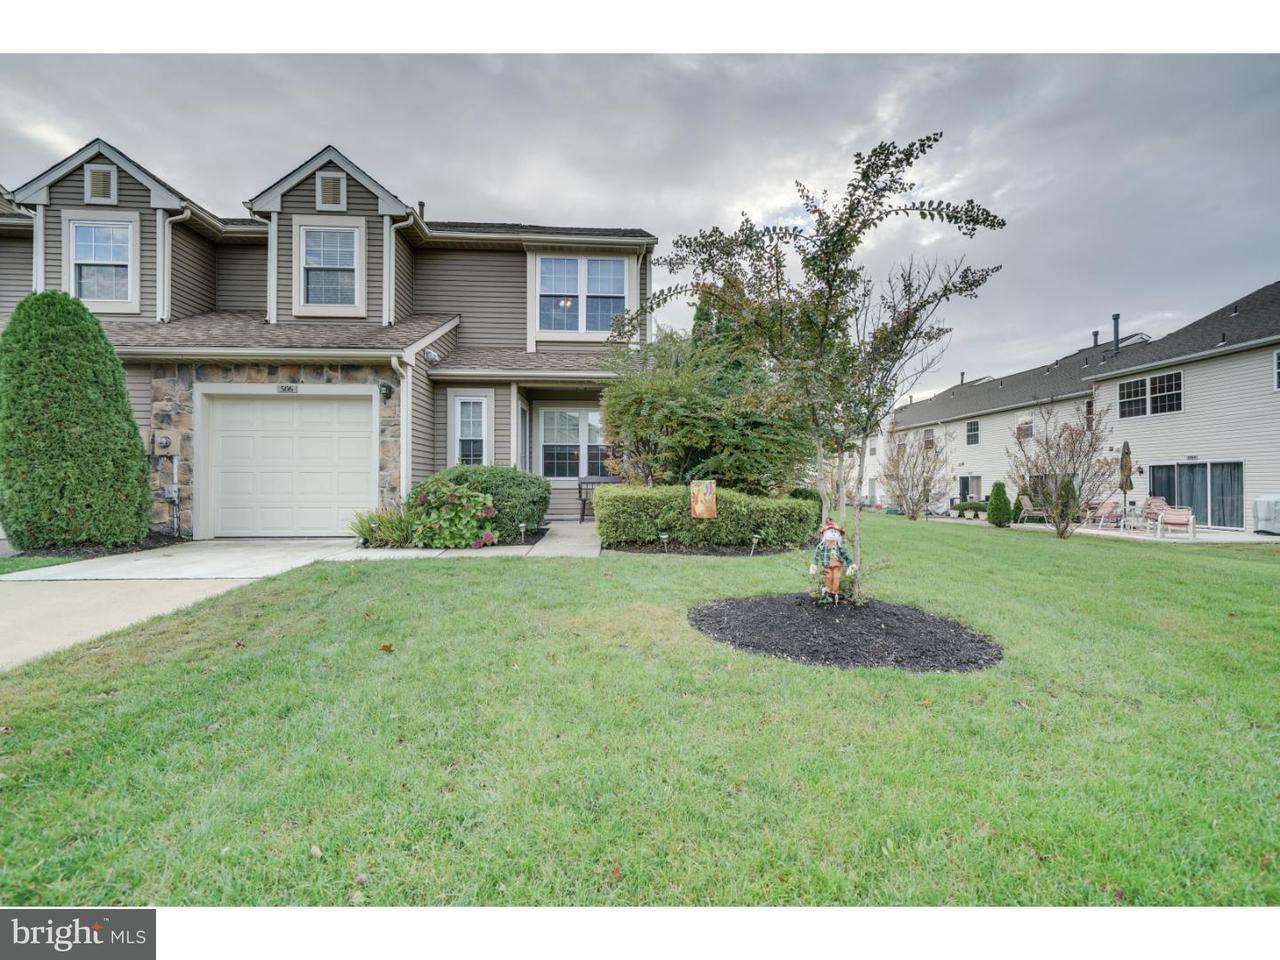 Casa unifamiliar adosada (Townhouse) por un Venta en 506 MASTERS Drive Blackwood, Nueva Jersey 08012 Estados Unidos